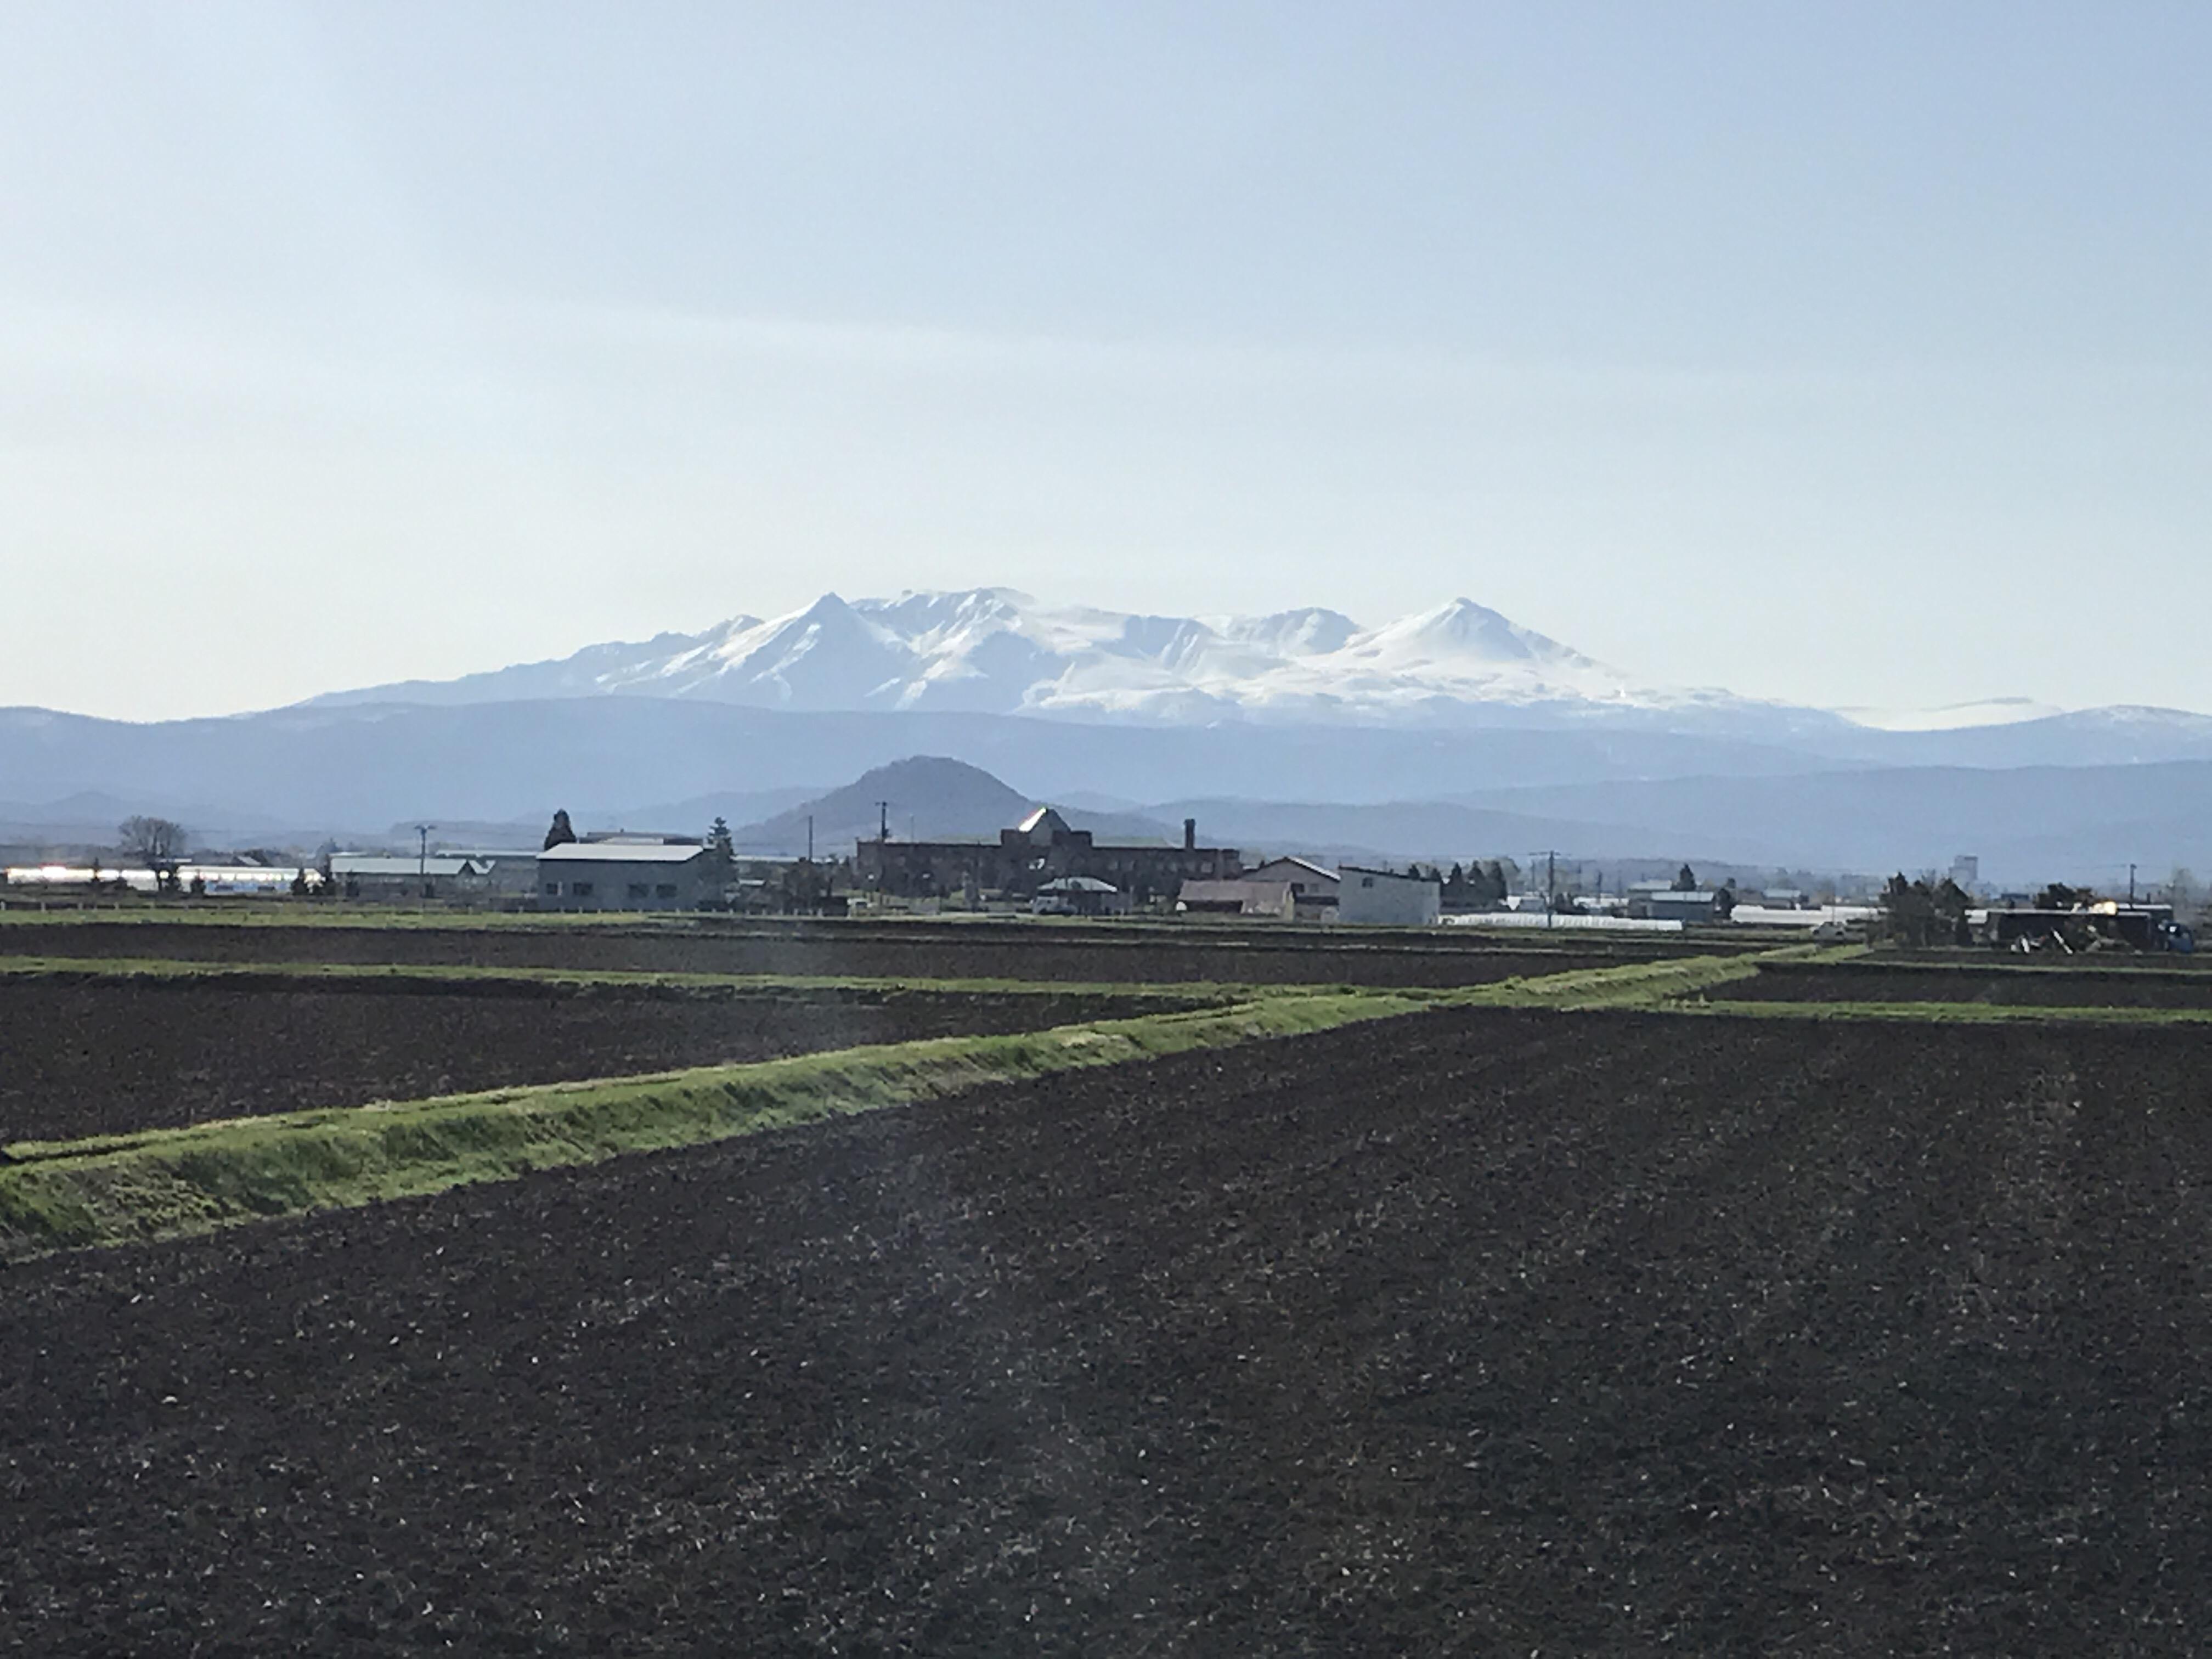 比布町の自慢の景観、大雪山